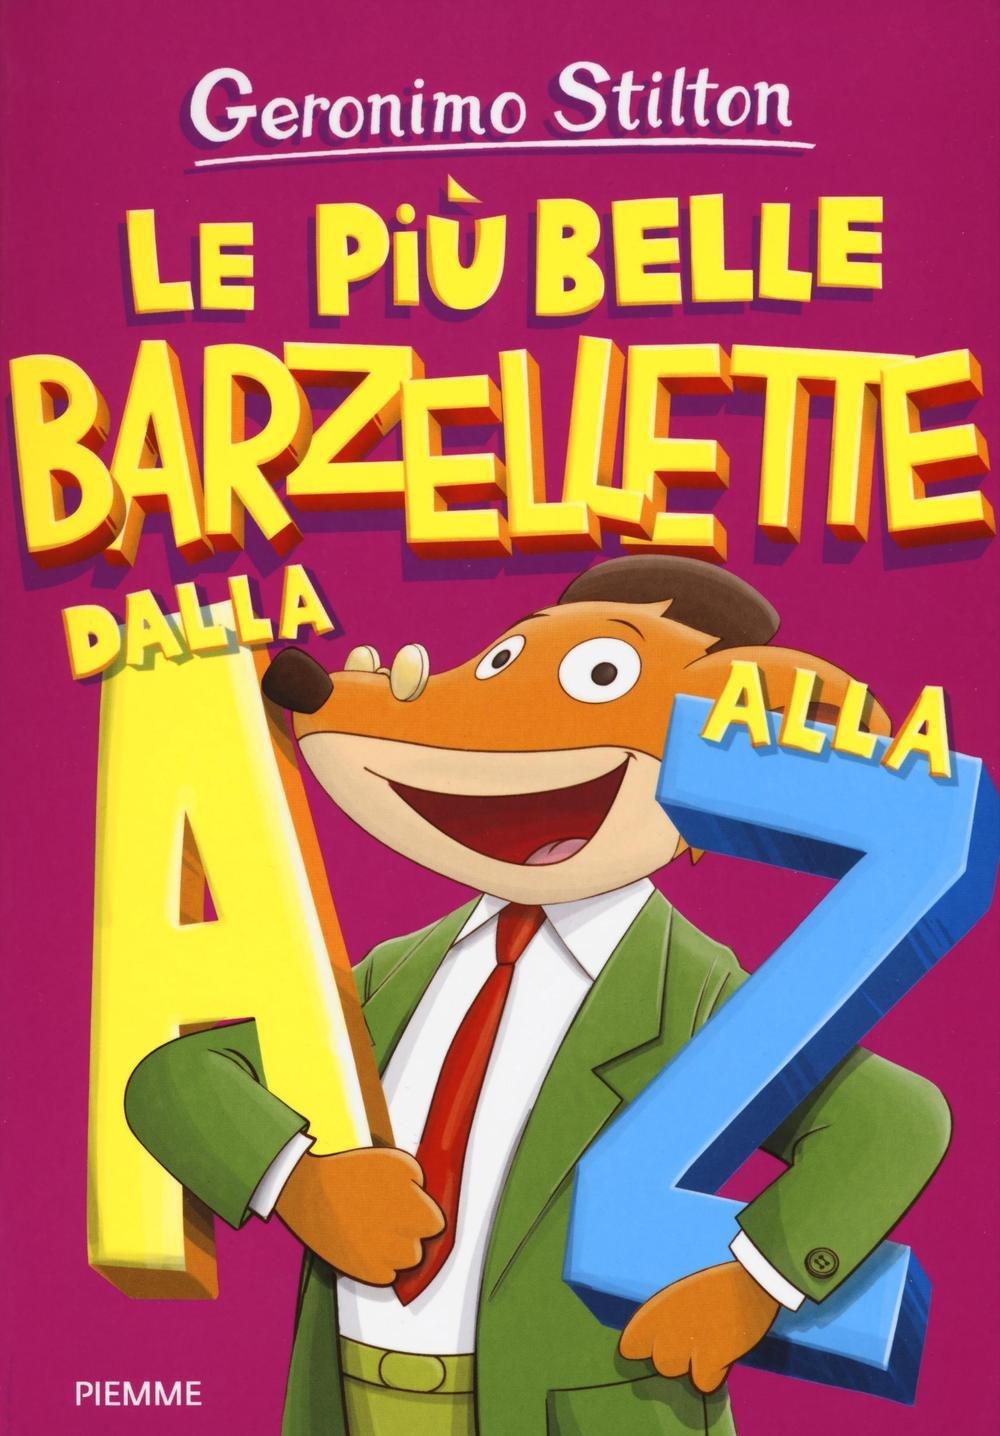 Le più belle barzellette dalla A alla Z Copertina flessibile – 15 mar 2016 Geronimo Stilton Piemme 8856652188 LETTERATURA PER RAGAZZI